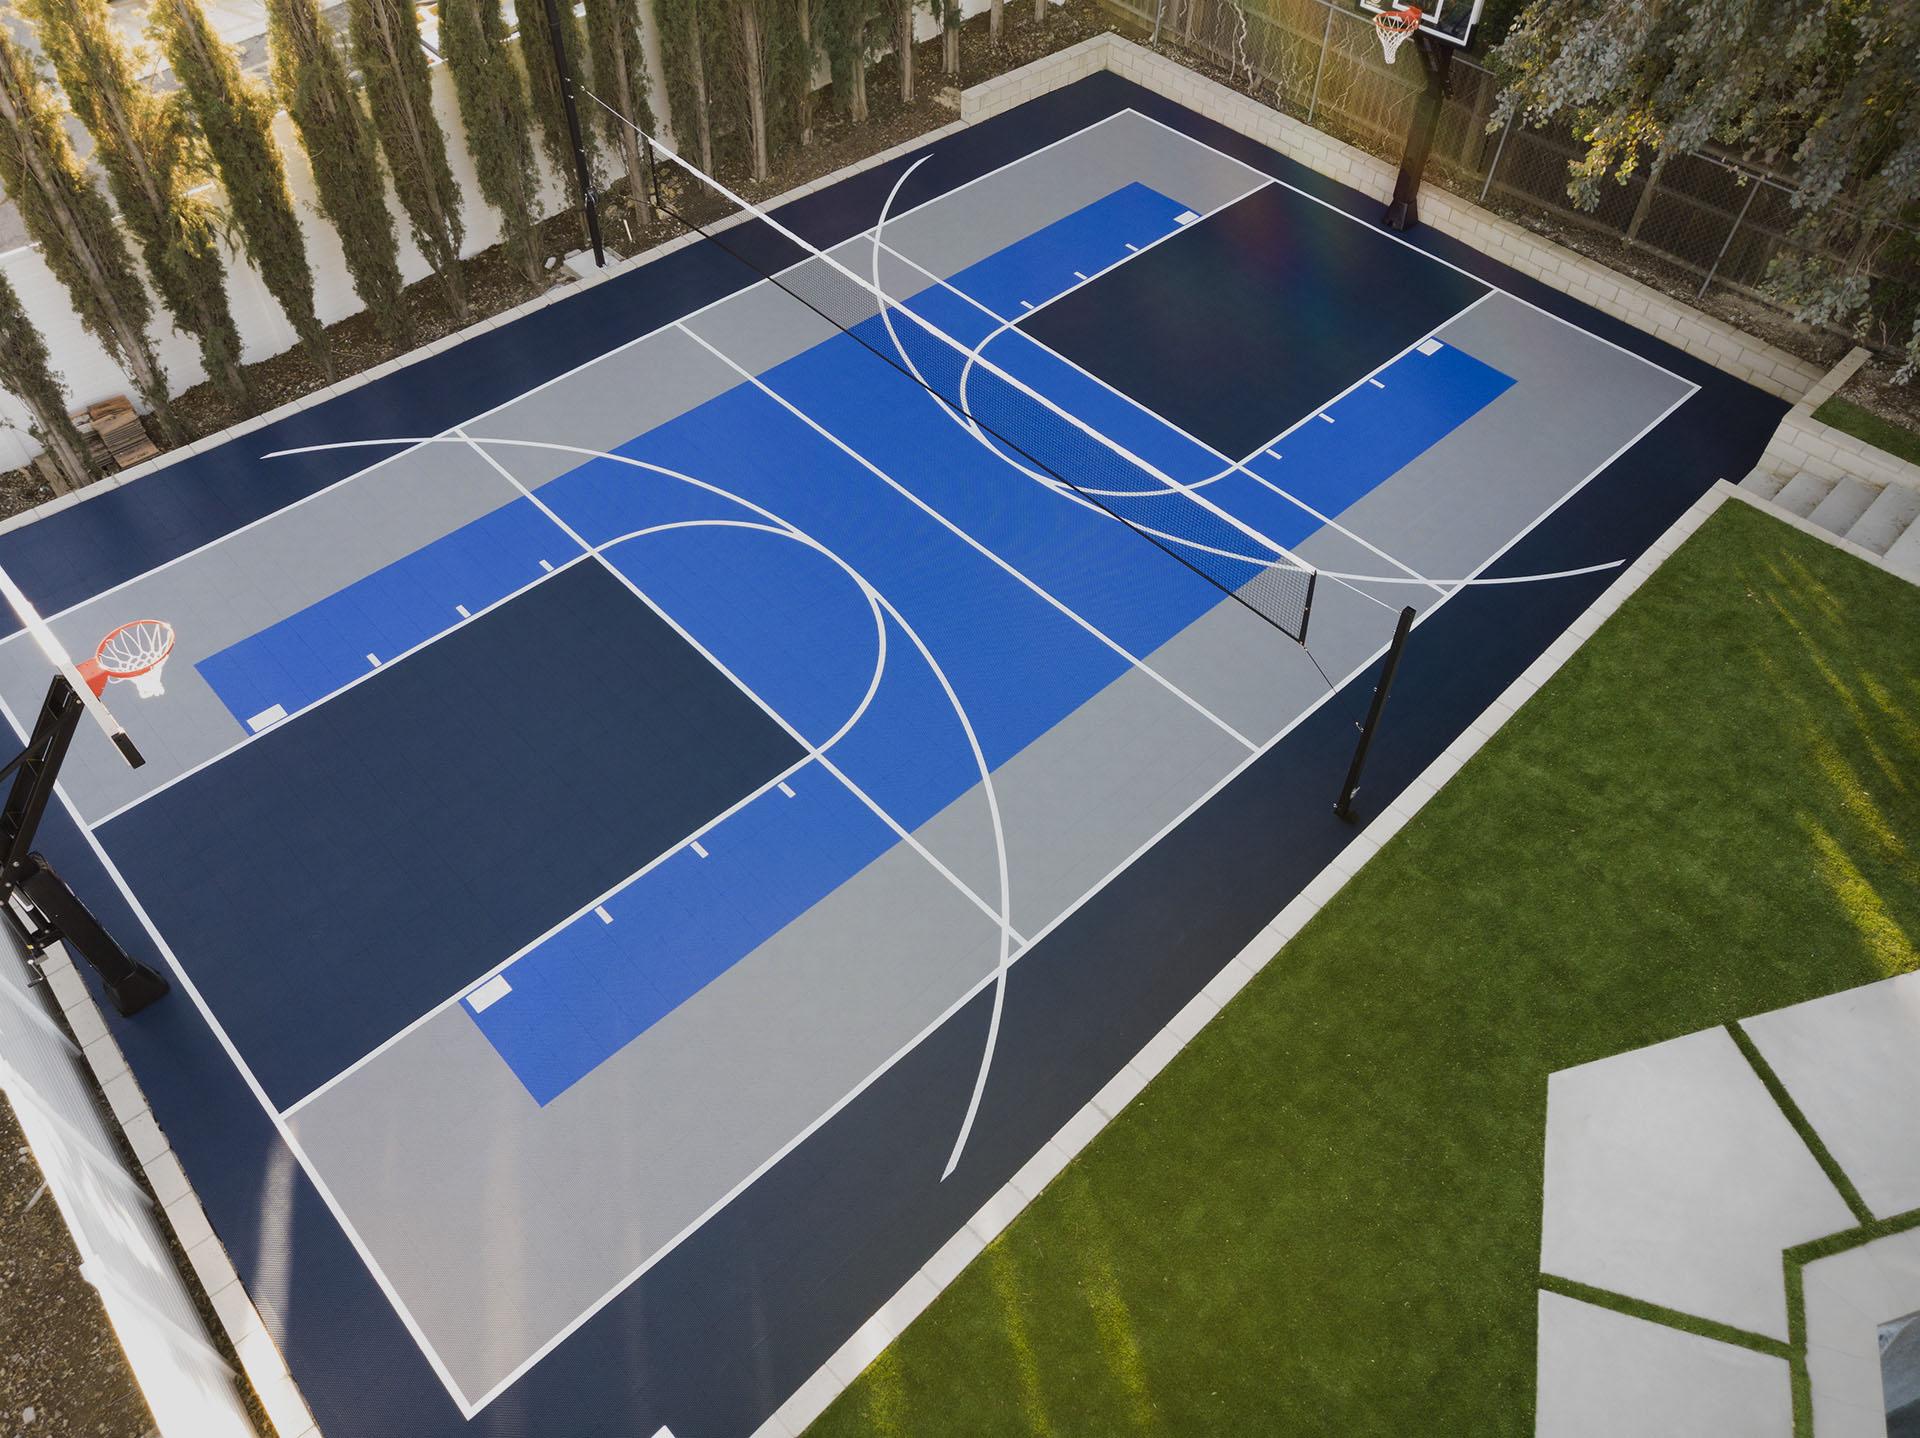 Hoops & Nets